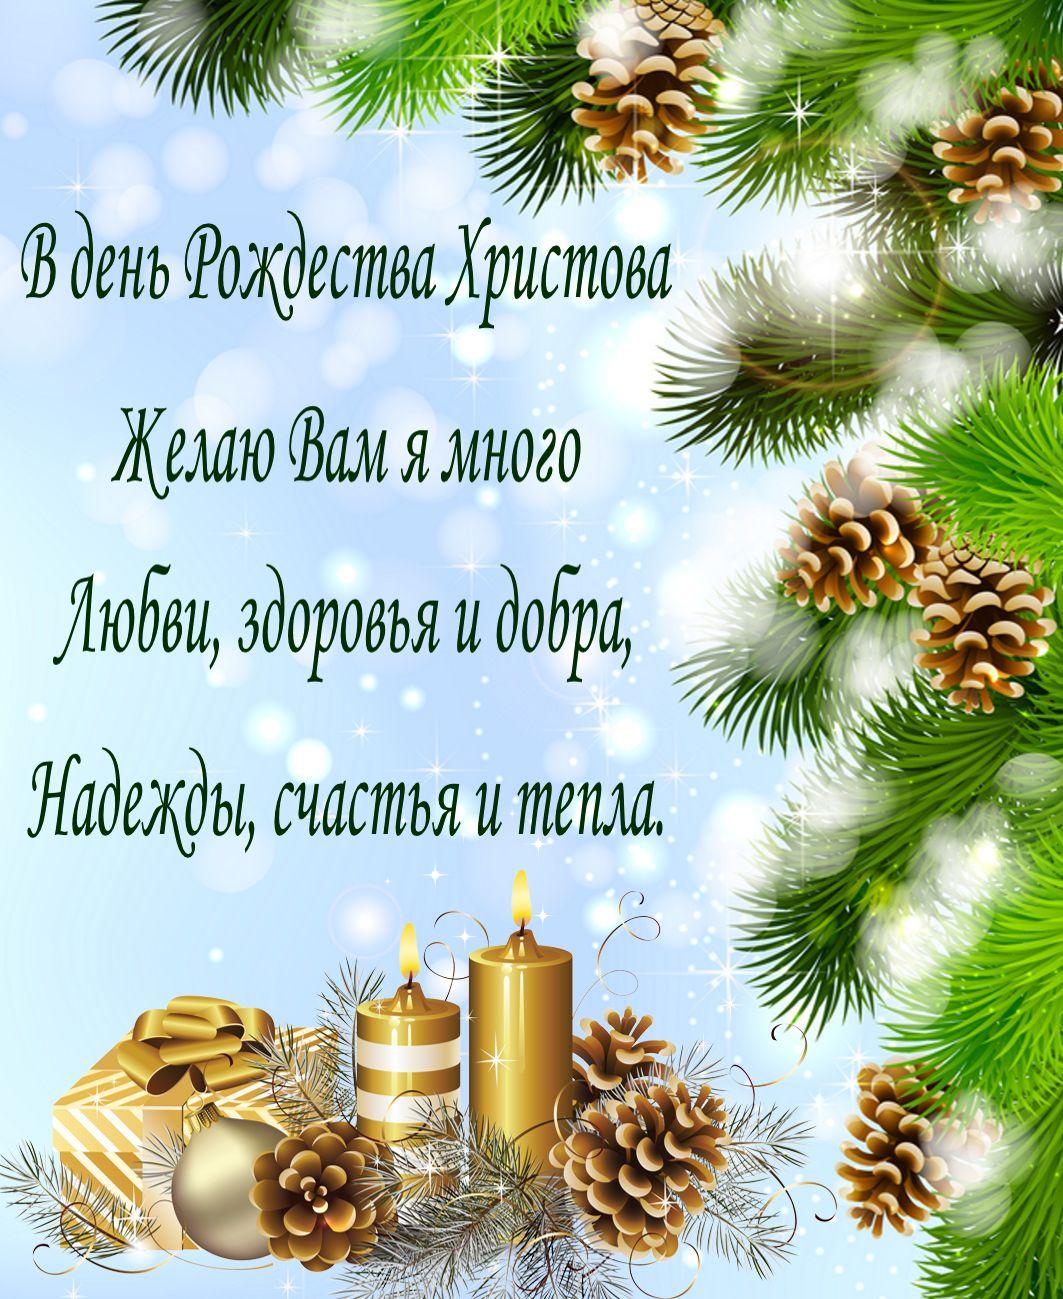 Открытка с Рождеством Христовым - еловые ветки с шишками и пожелание